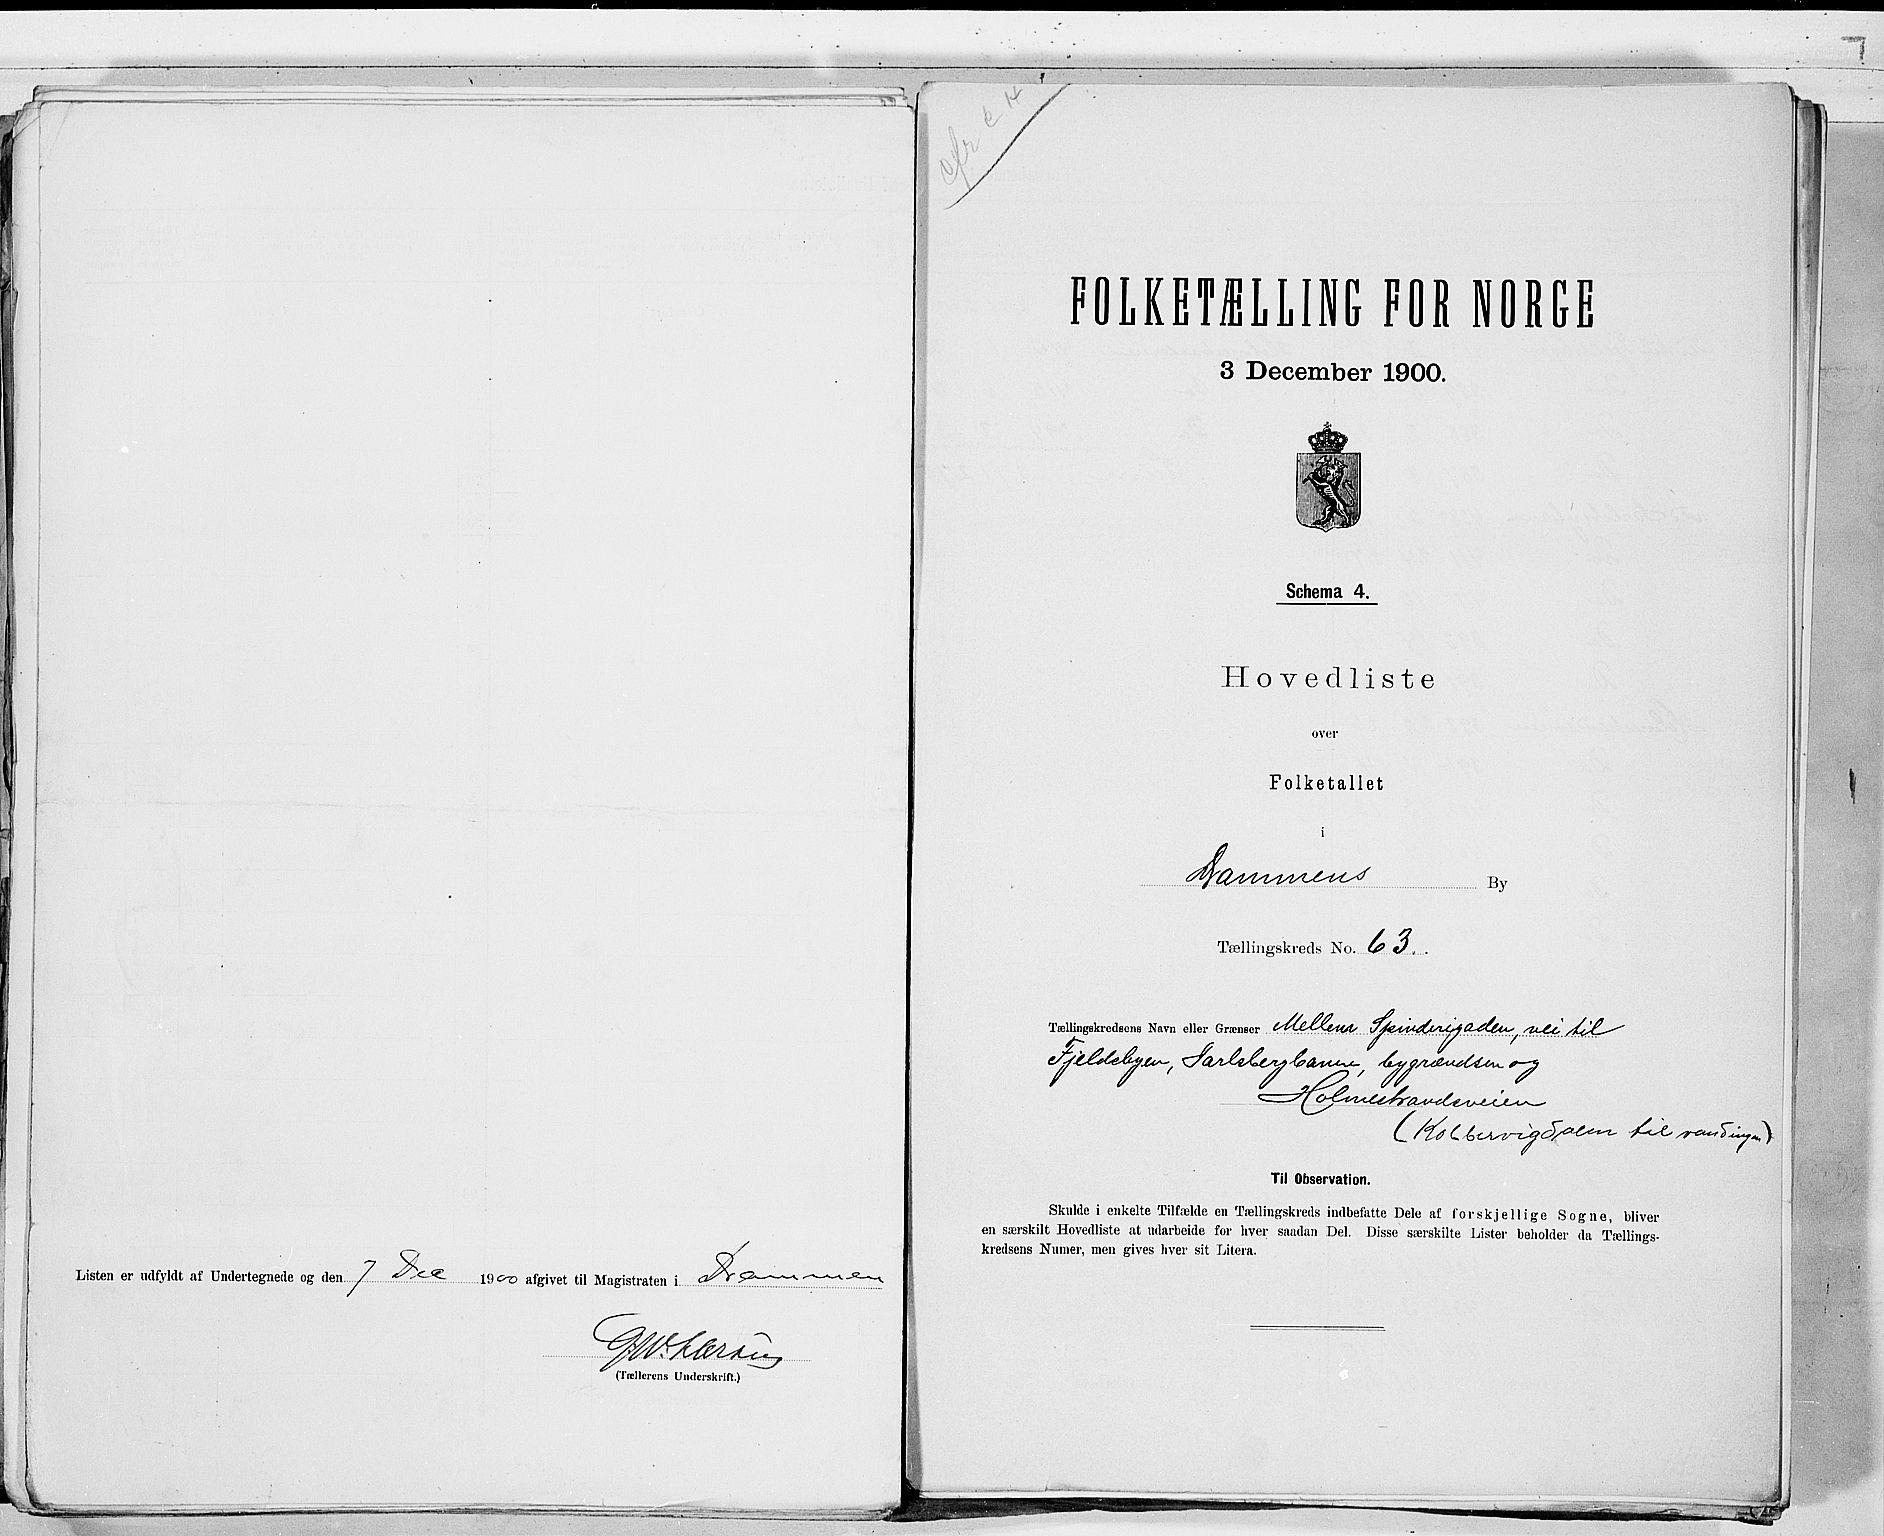 RA, Folketelling 1900 for 0602 Drammen kjøpstad, 1900, s. 131